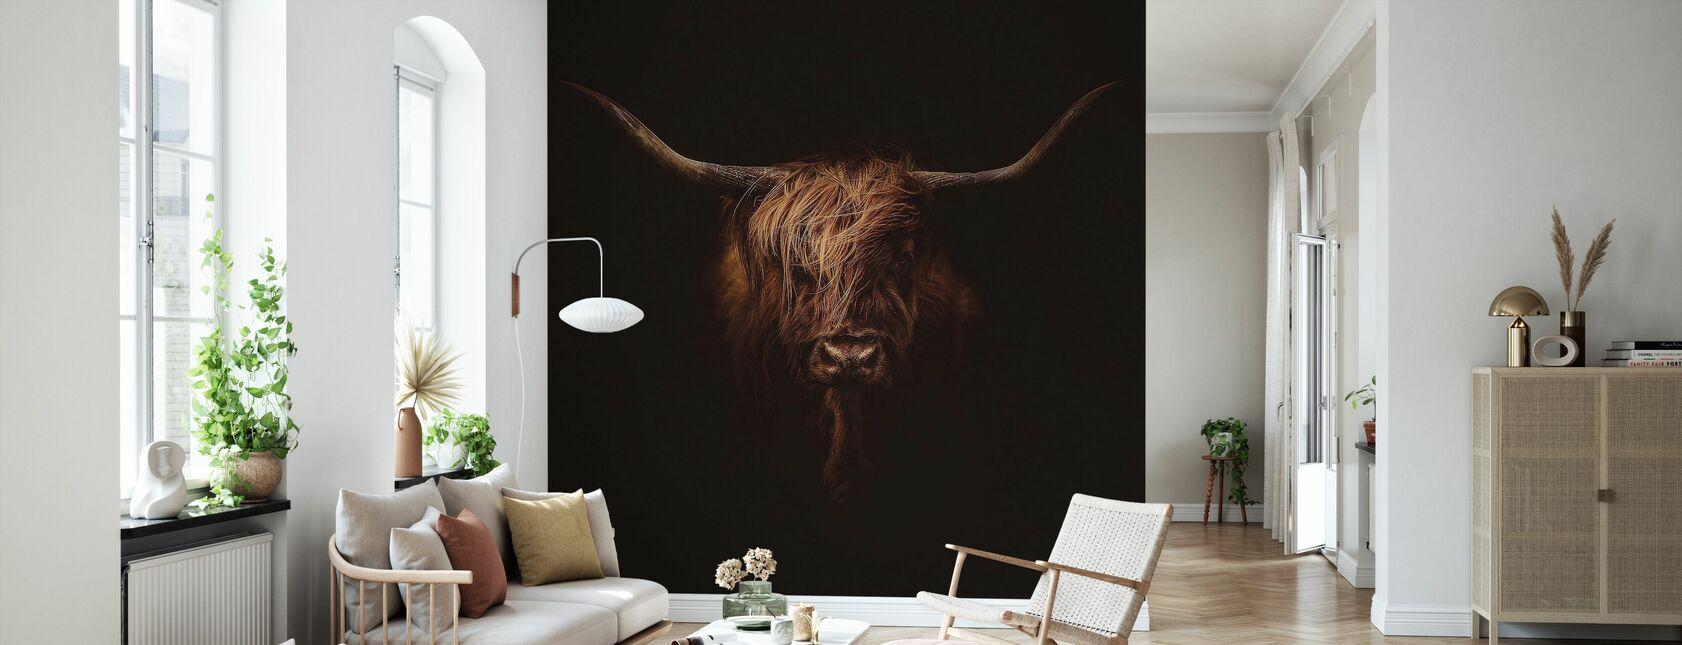 Scottish Highland Cattle - Wallpaper - Living Room